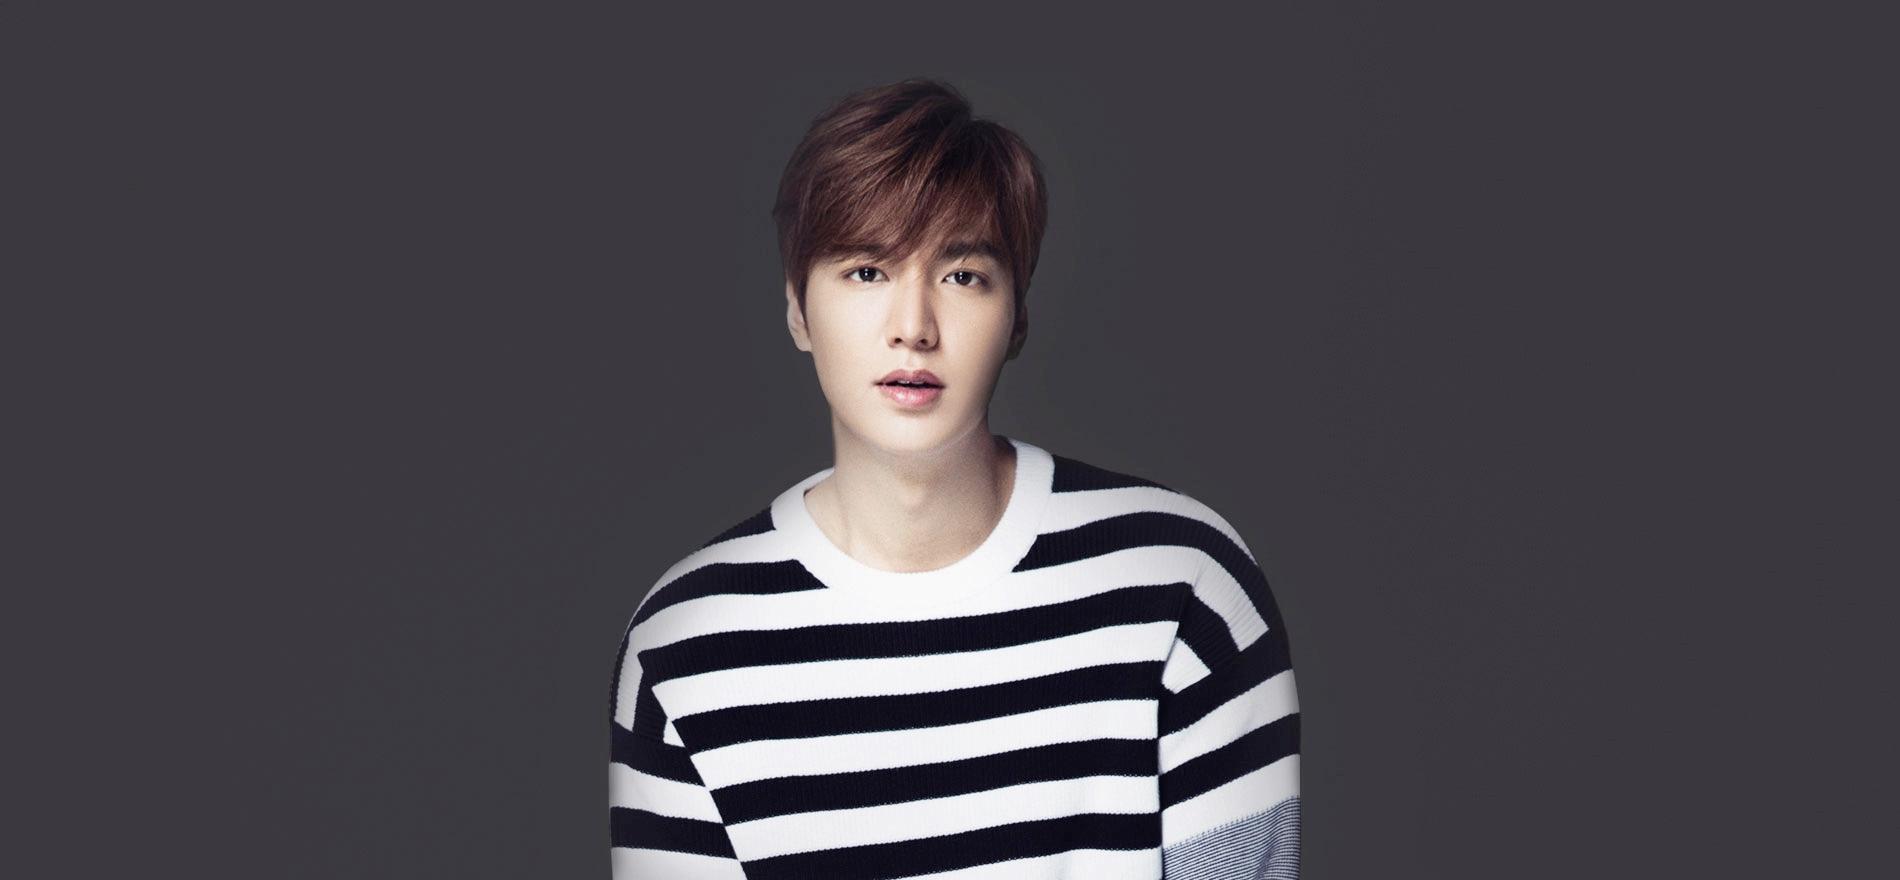 Source: Lee Min Ho's Official Website